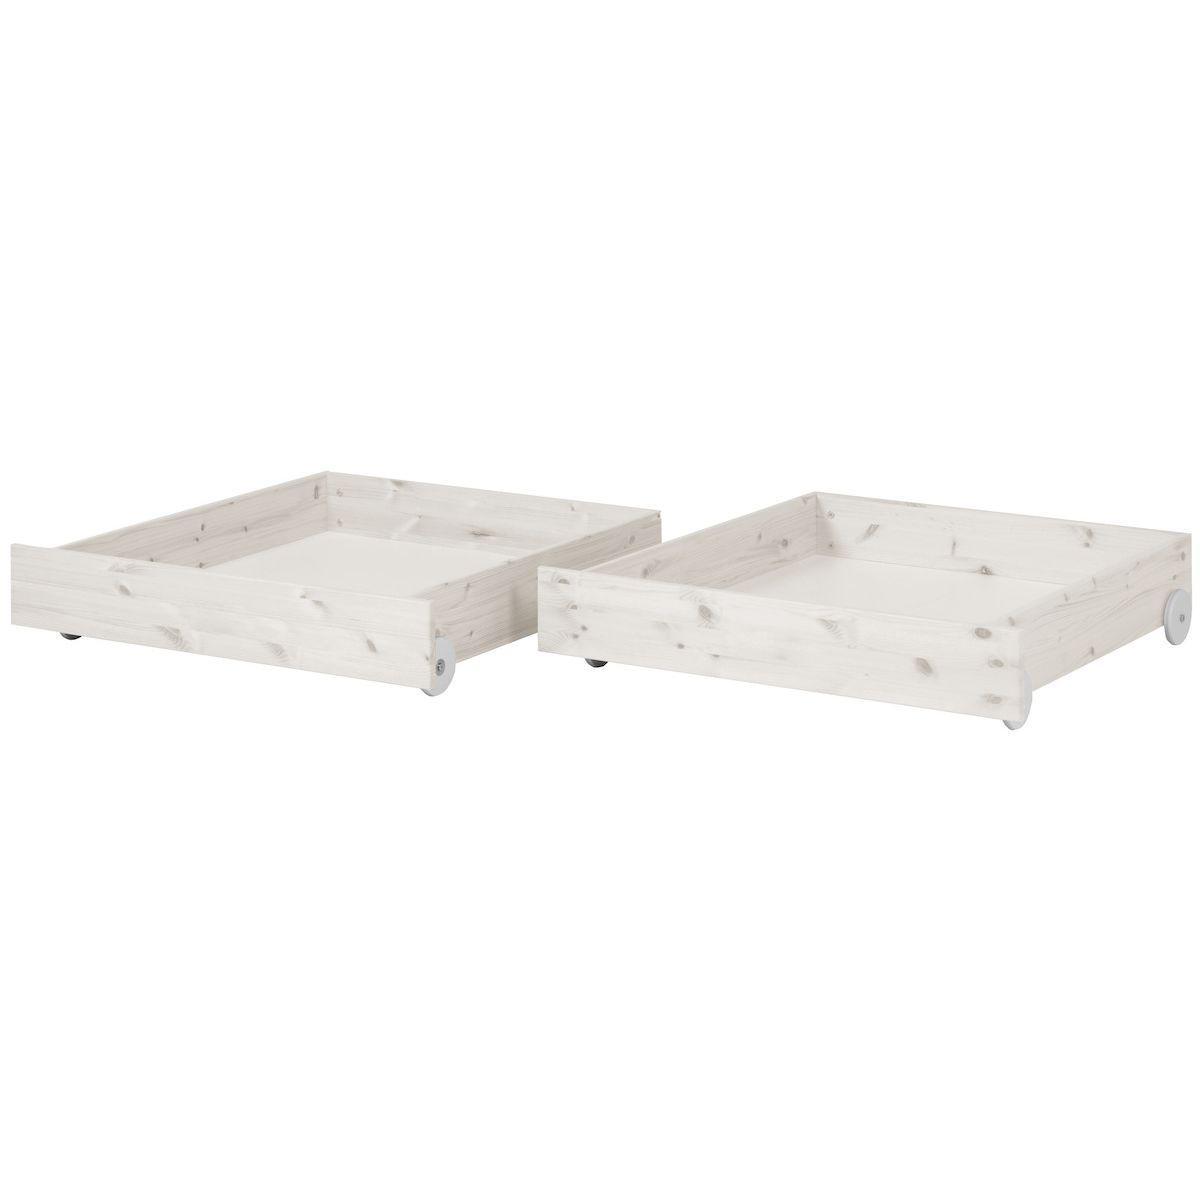 CLASSIC by Flexa Ensemble de 2 tiroirs blanchis pour lit simple ou lit superposé 90x200 cm